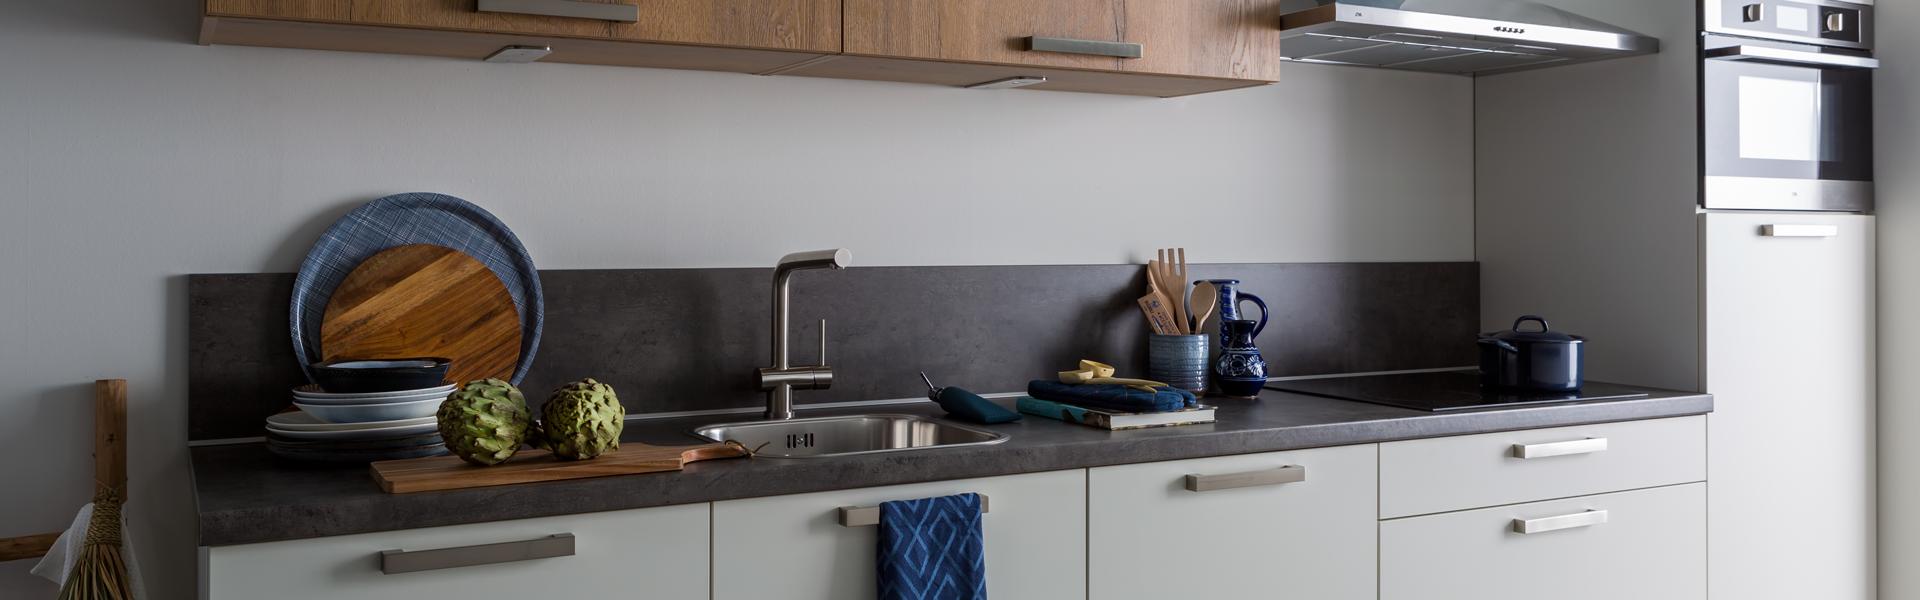 Kleine lichte keukens | Eigenhuis Keukens